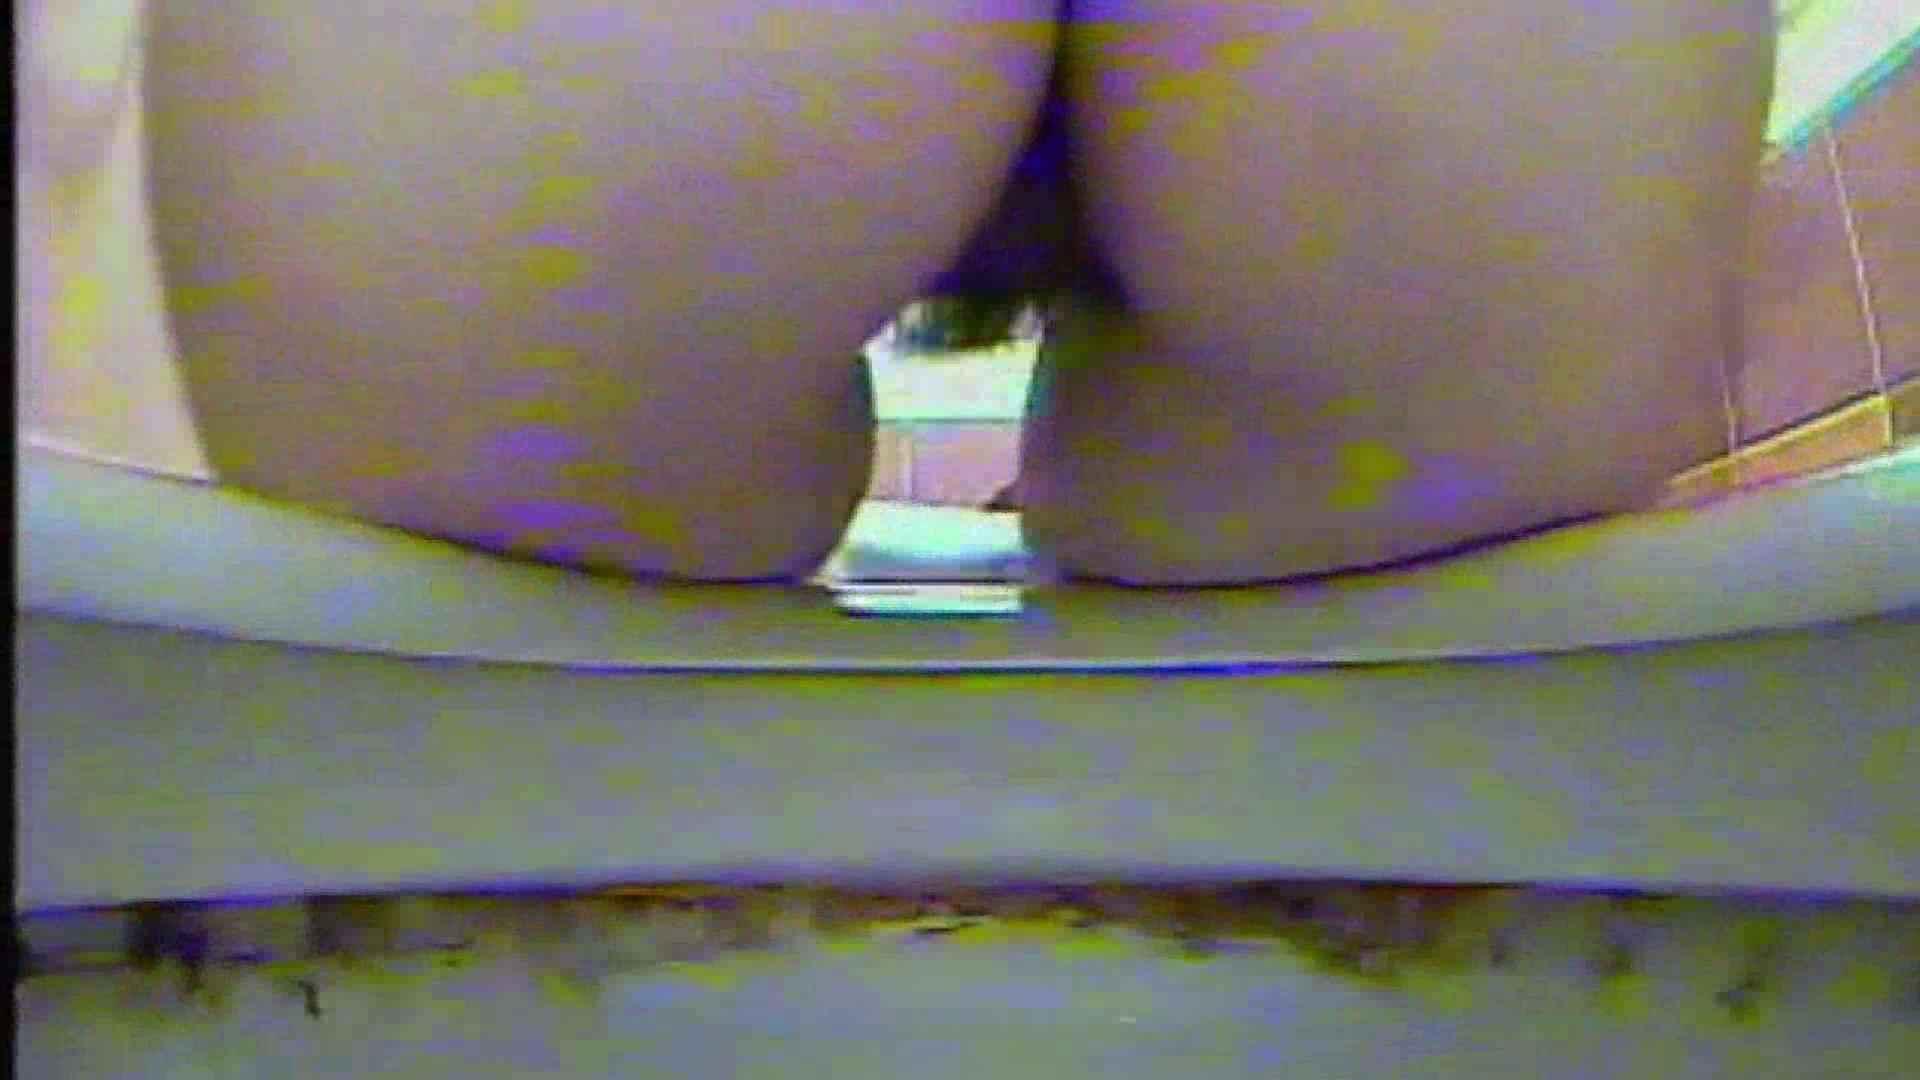 キレカワ女子大生の秘密の洗面所!Vol.045 洗面所突入 おめこ無修正画像 105pic 100